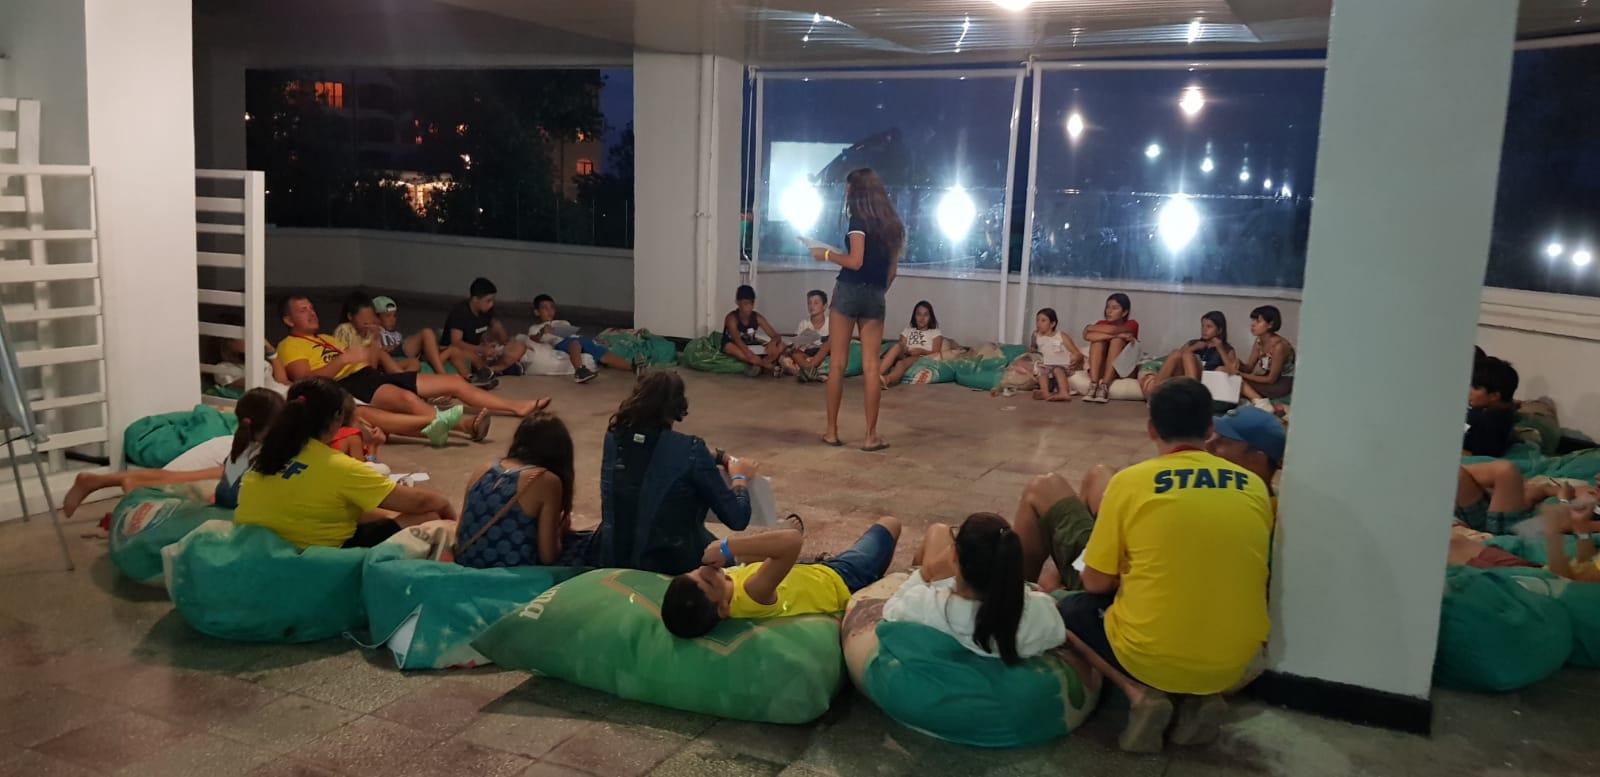 детски езиков лагер на море Z кемп, Ден 26 - в двора - новите и старите деца са седнали в кръг на земята